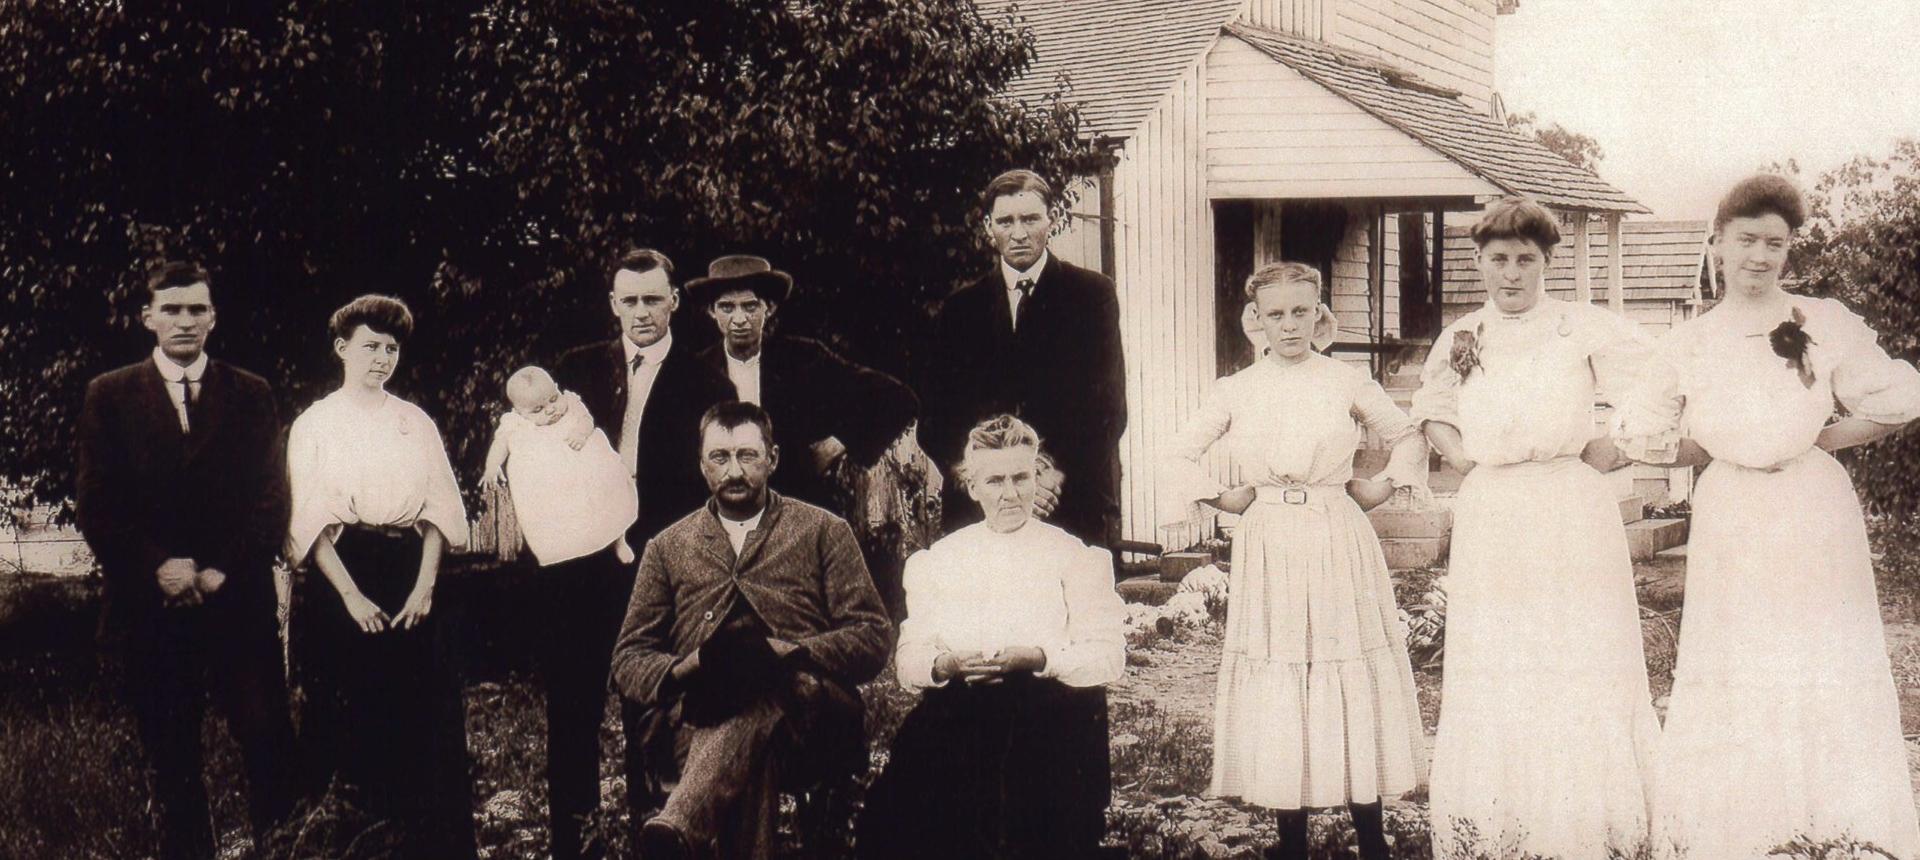 The original Schad Family